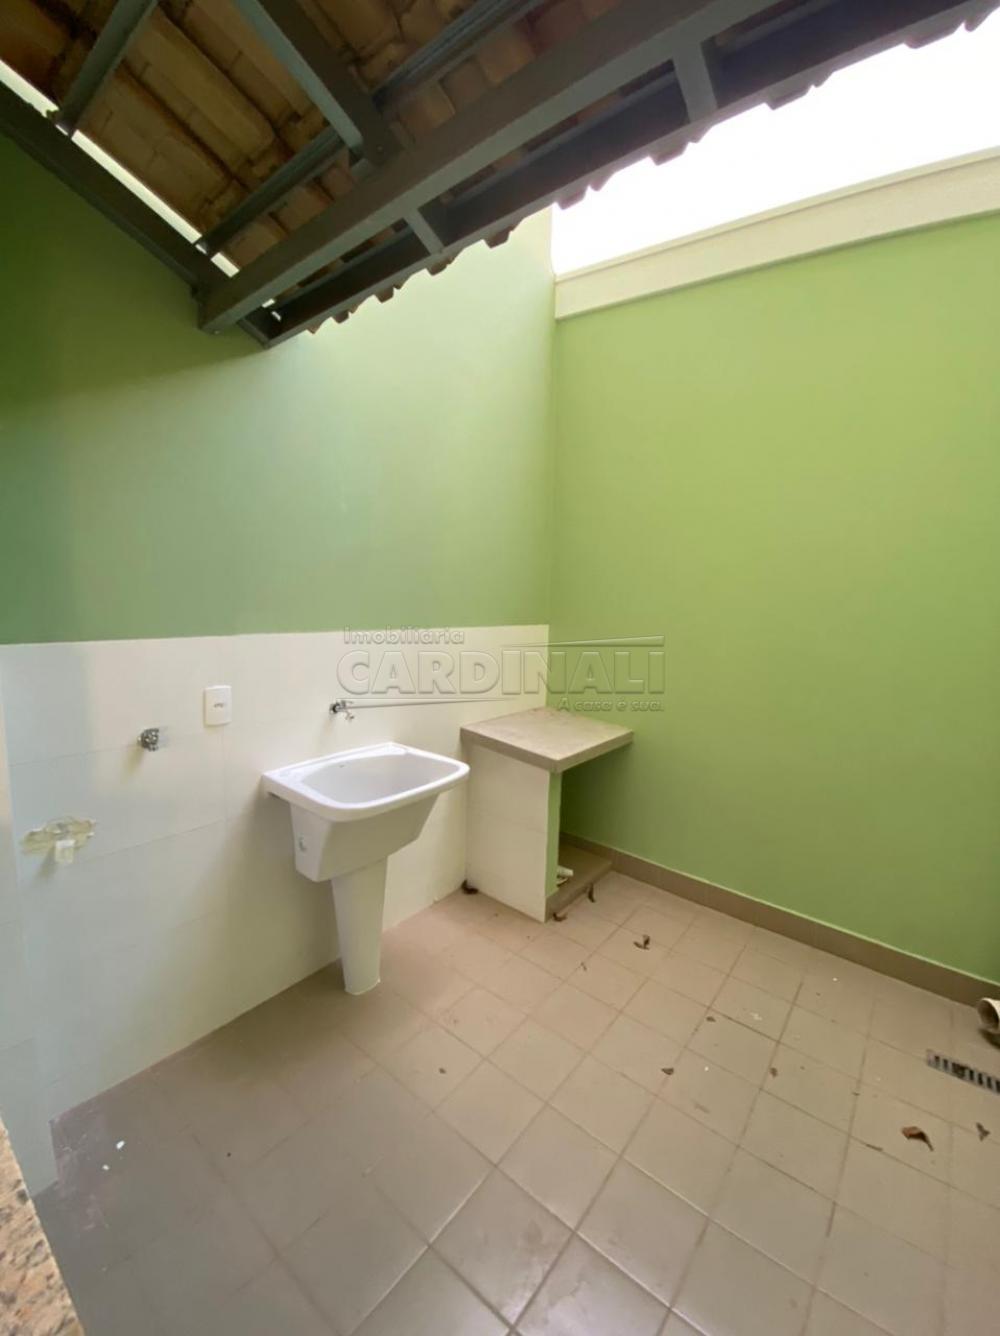 Alugar Casa / Padrão em São Carlos R$ 834,00 - Foto 3